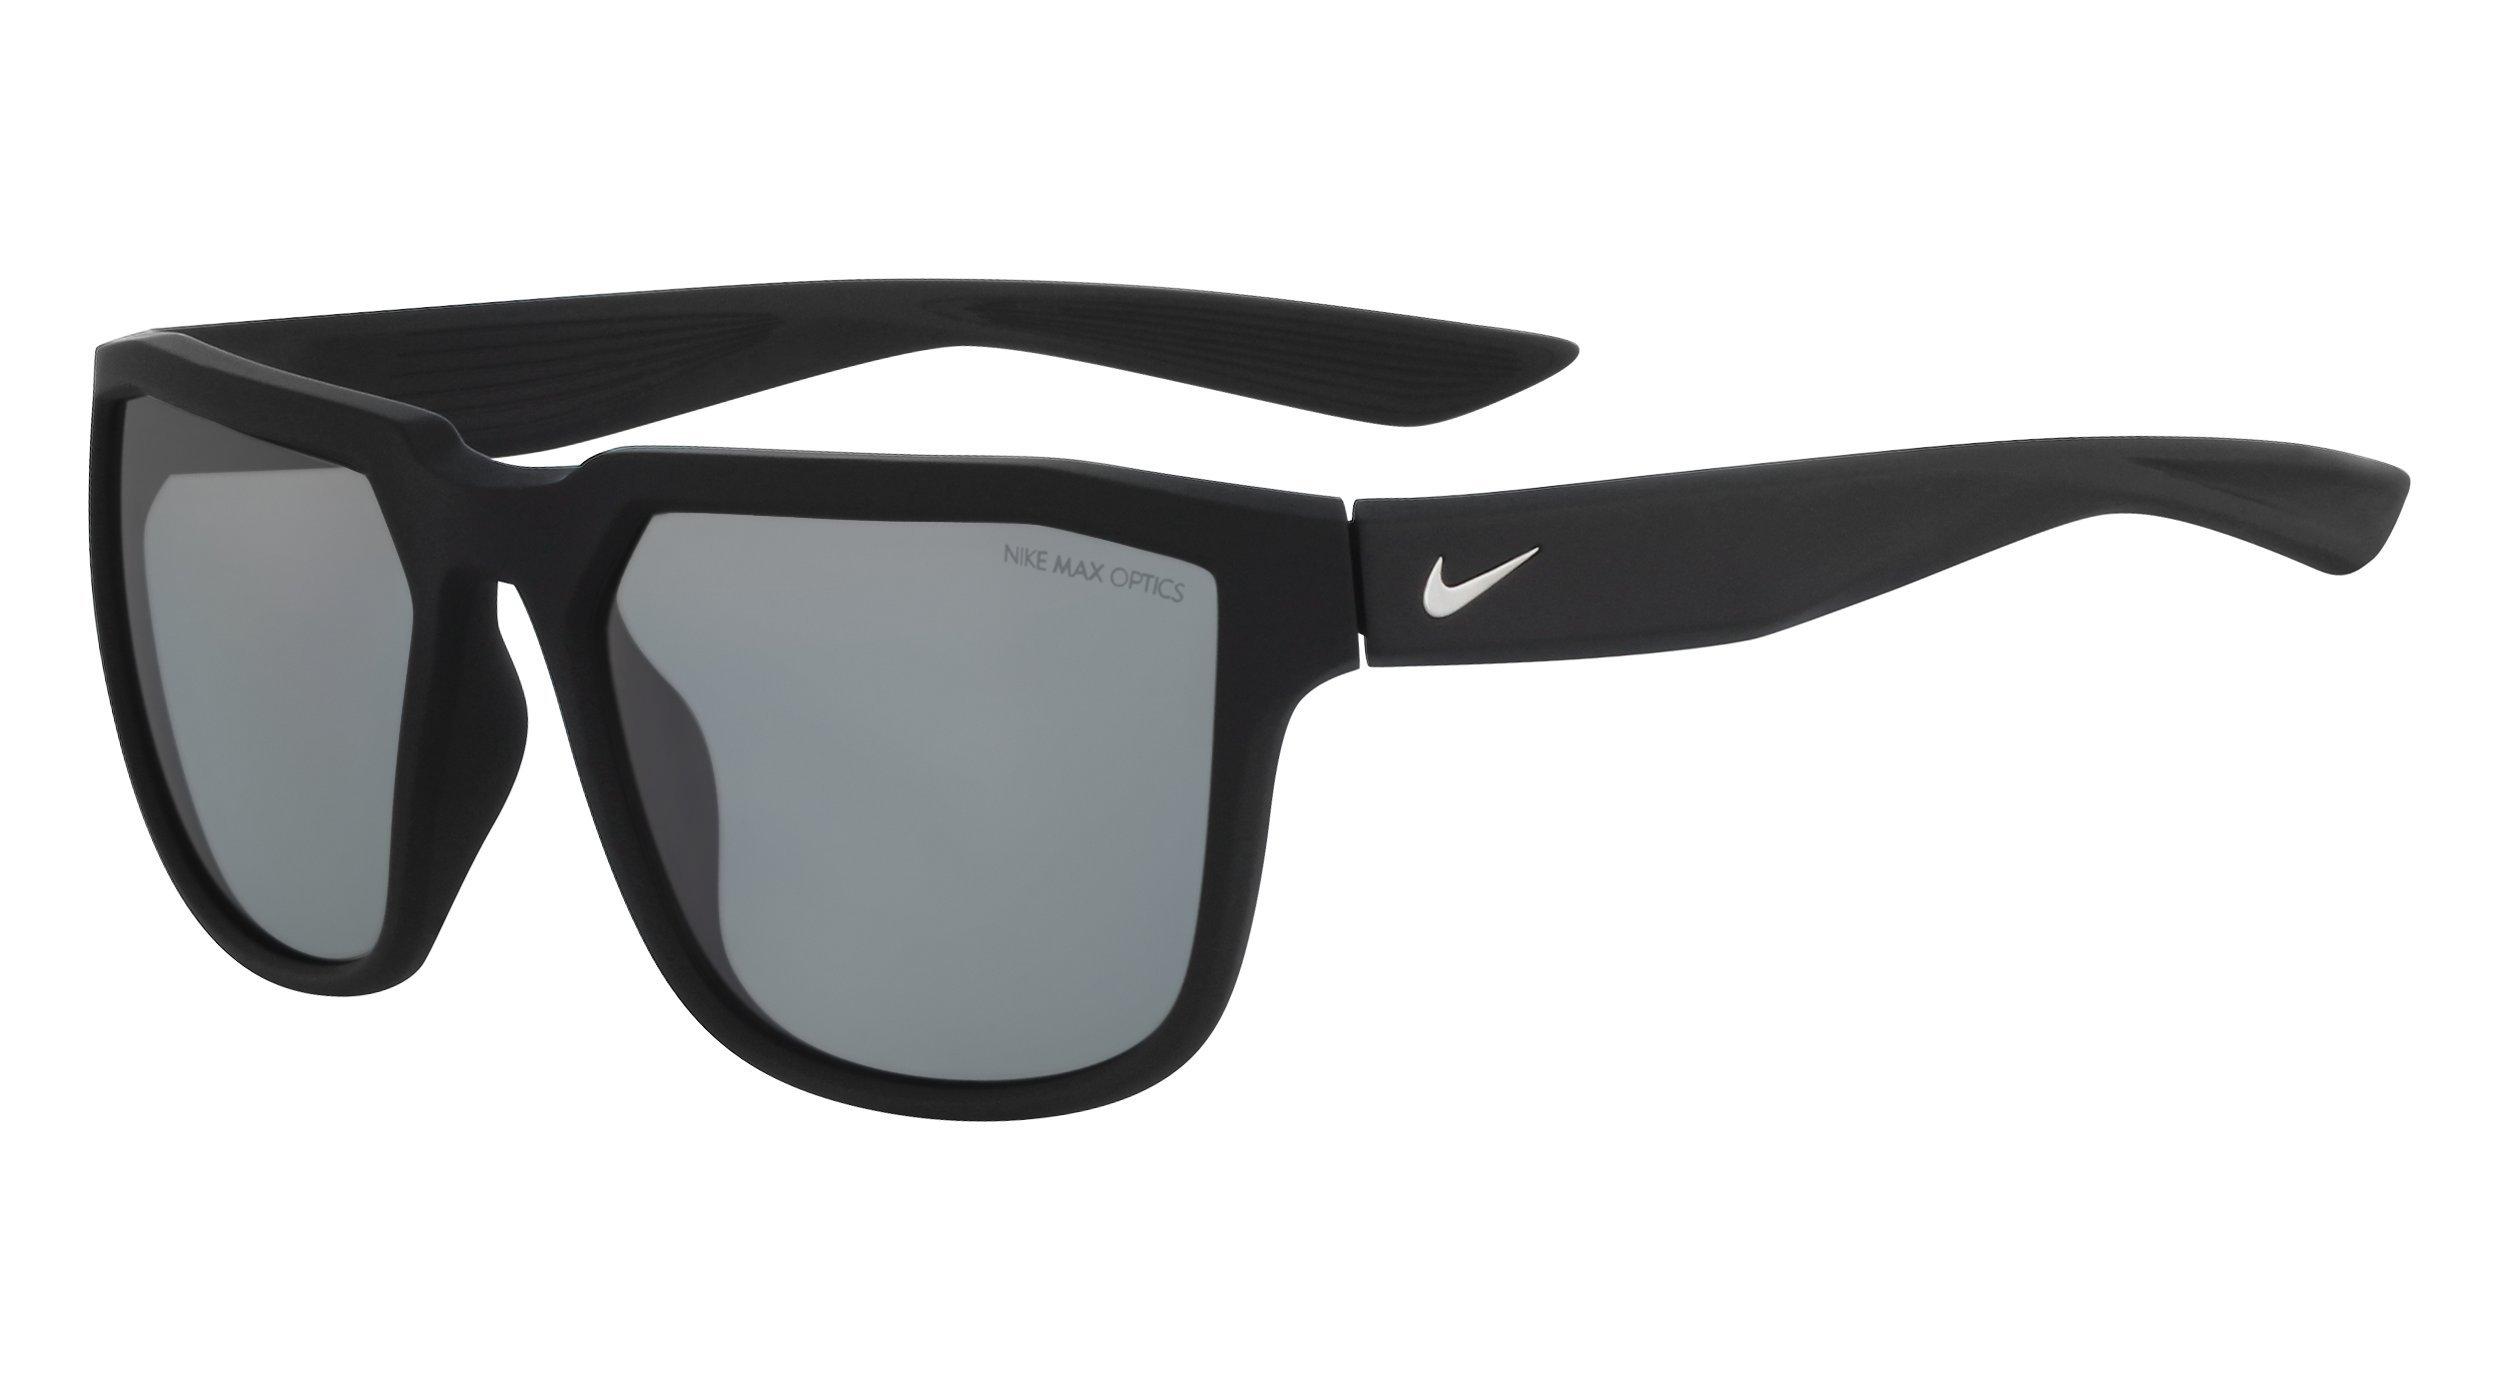 Nike Golf Men's Nike Fly Rectangular Sunglasses, Matte Black/Silver Frame, 57 mm